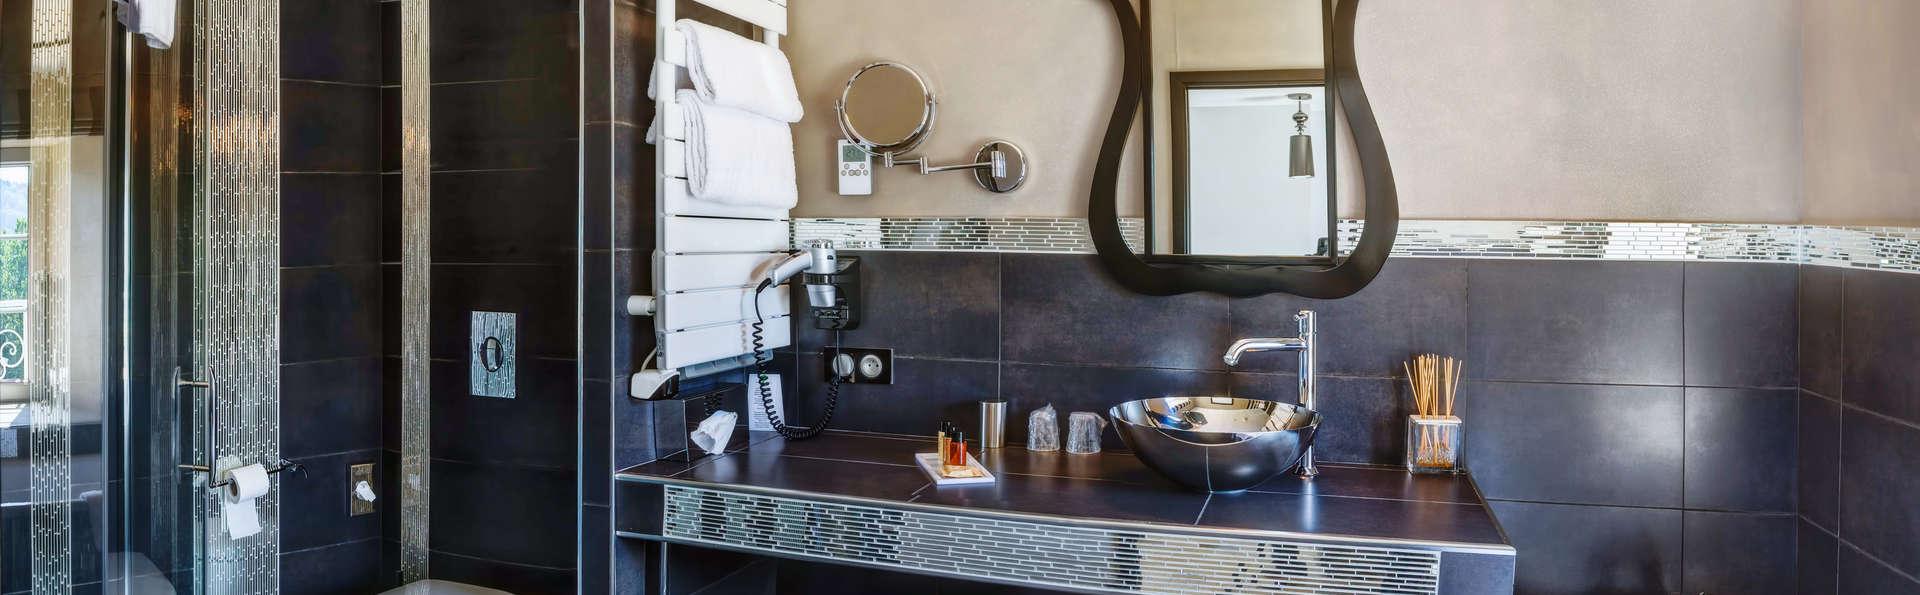 h tel relais du silence ch teau de la falque h tel de charme saint geniez d 39 olt. Black Bedroom Furniture Sets. Home Design Ideas